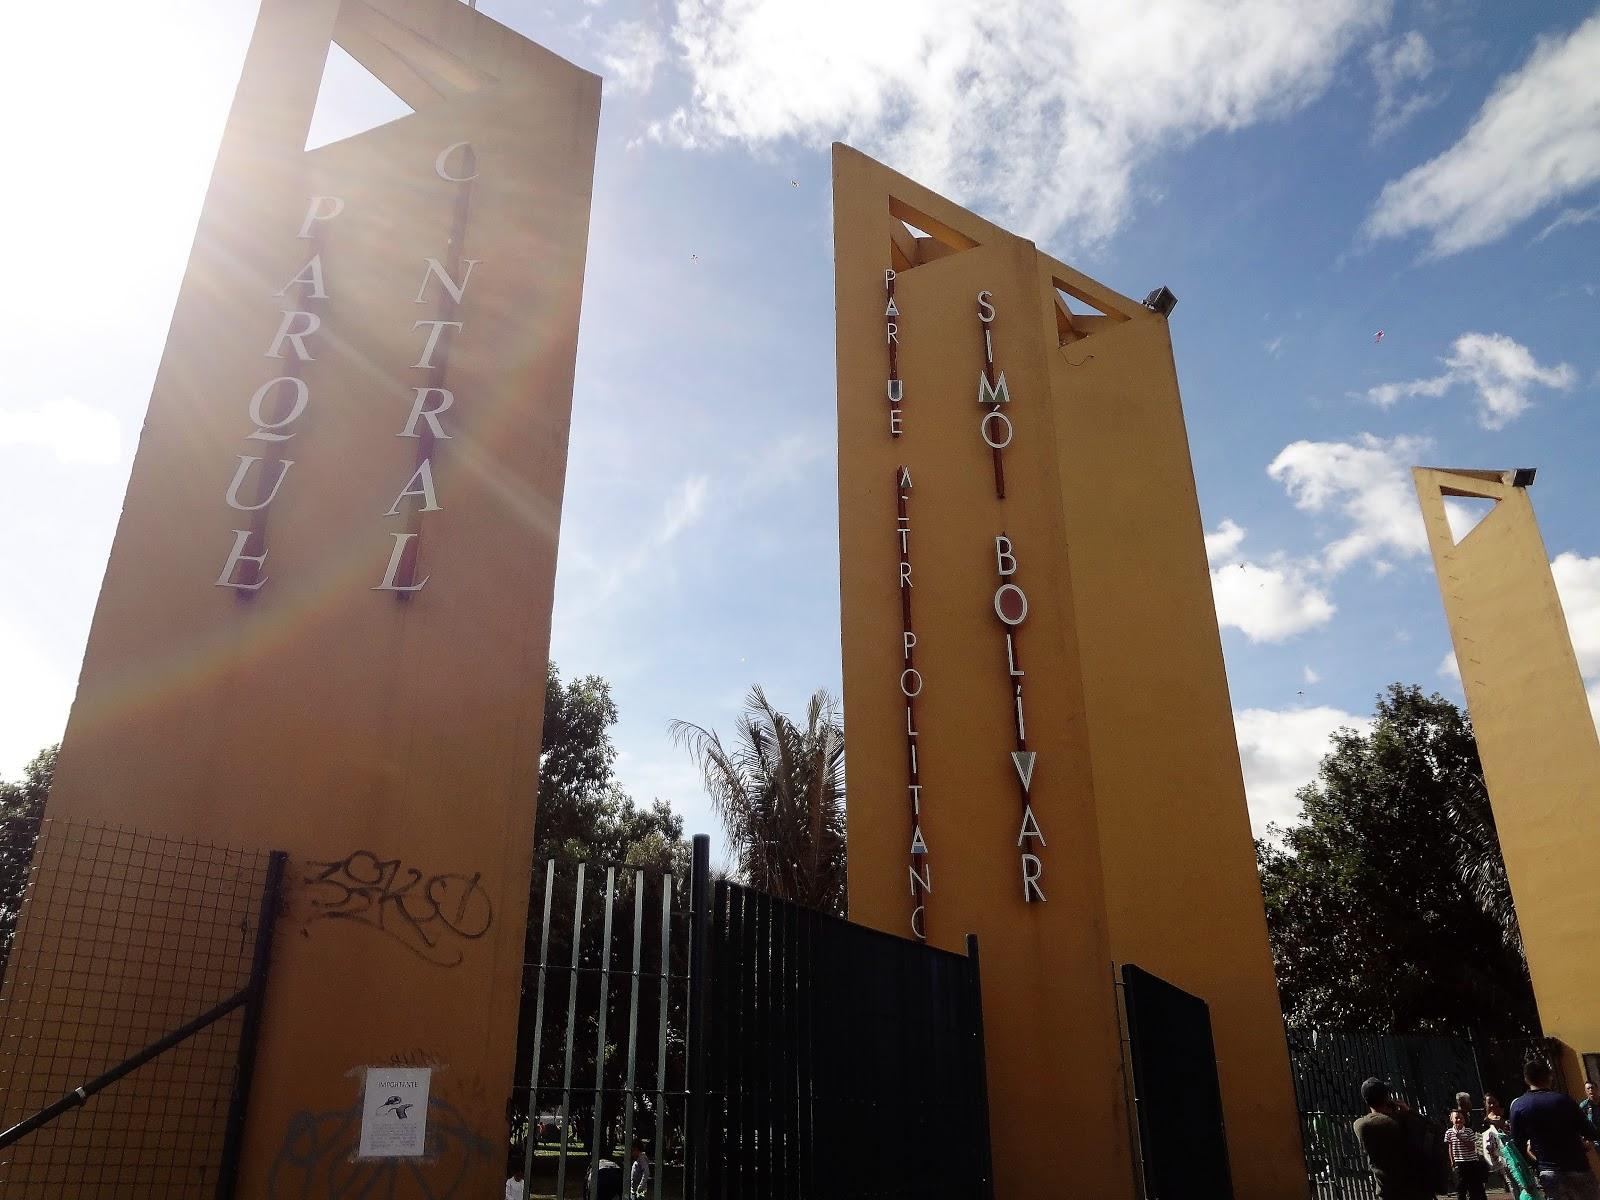 コロンビアの首都ボゴタ『シモン・ボリバル公園』に観光